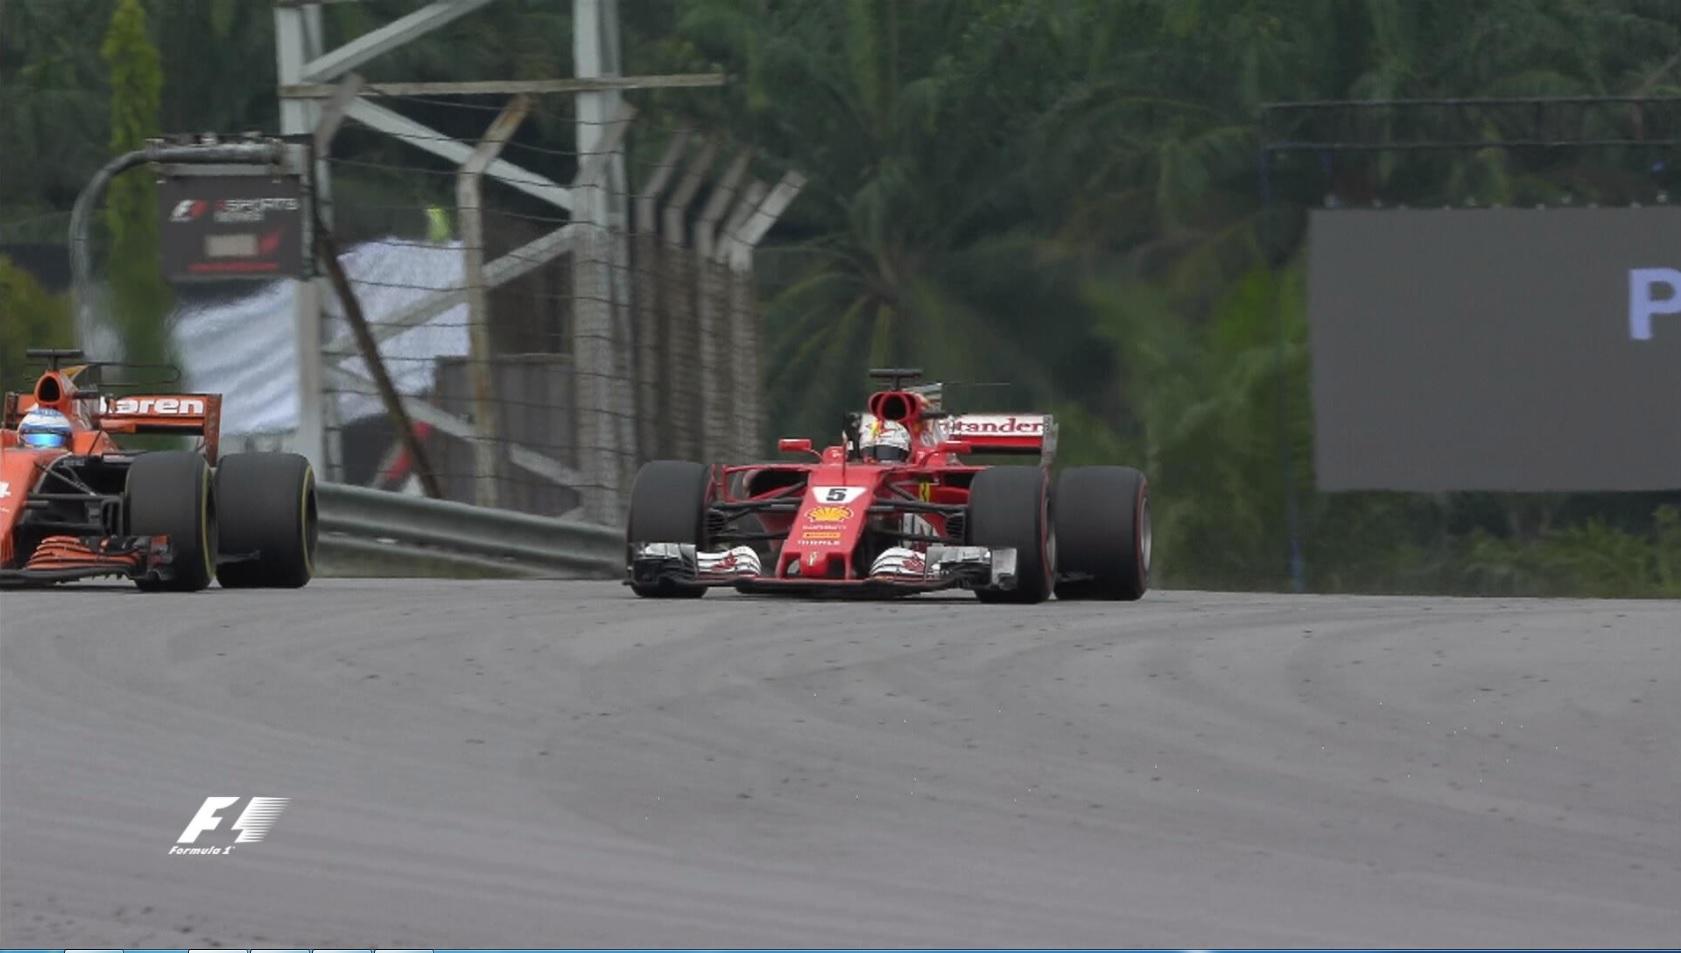 """Malesia, Vettel da ultimo a quarto ma Alonso doppiato lo ostacola: """"Pensavo fossi meglio di così"""""""